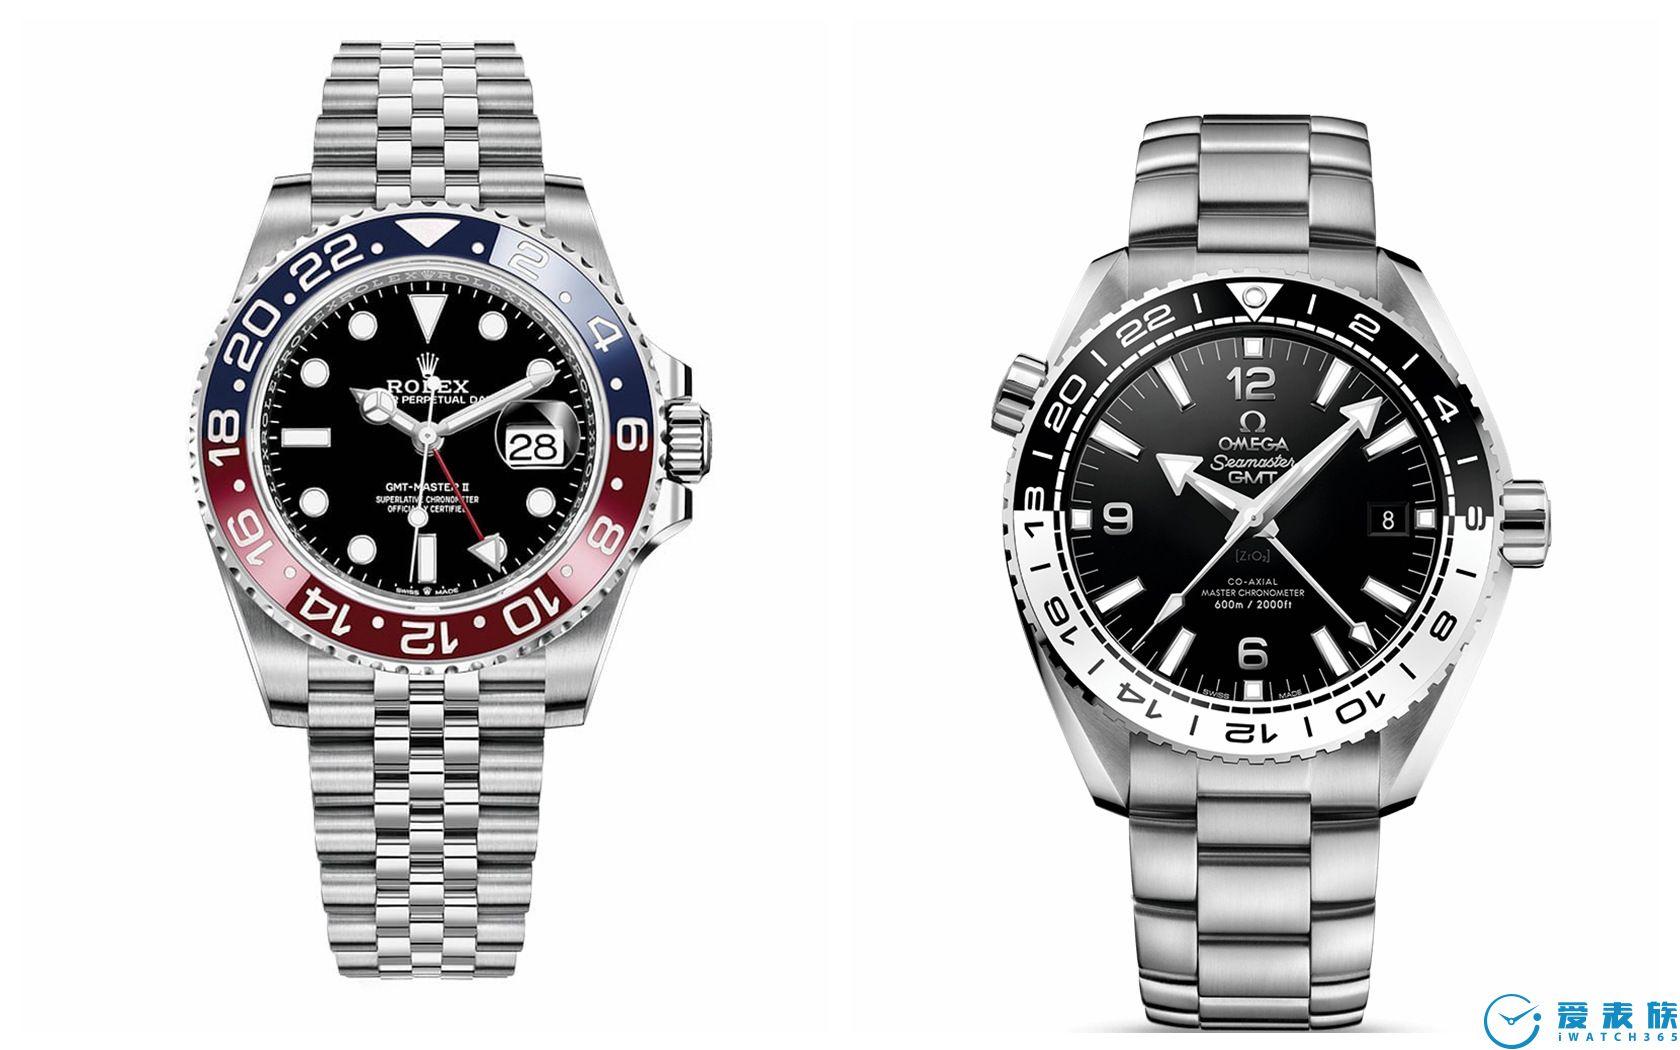 冠蓝狮首次推出双色圈GMT腕表 SBGJ237& SBGJ239